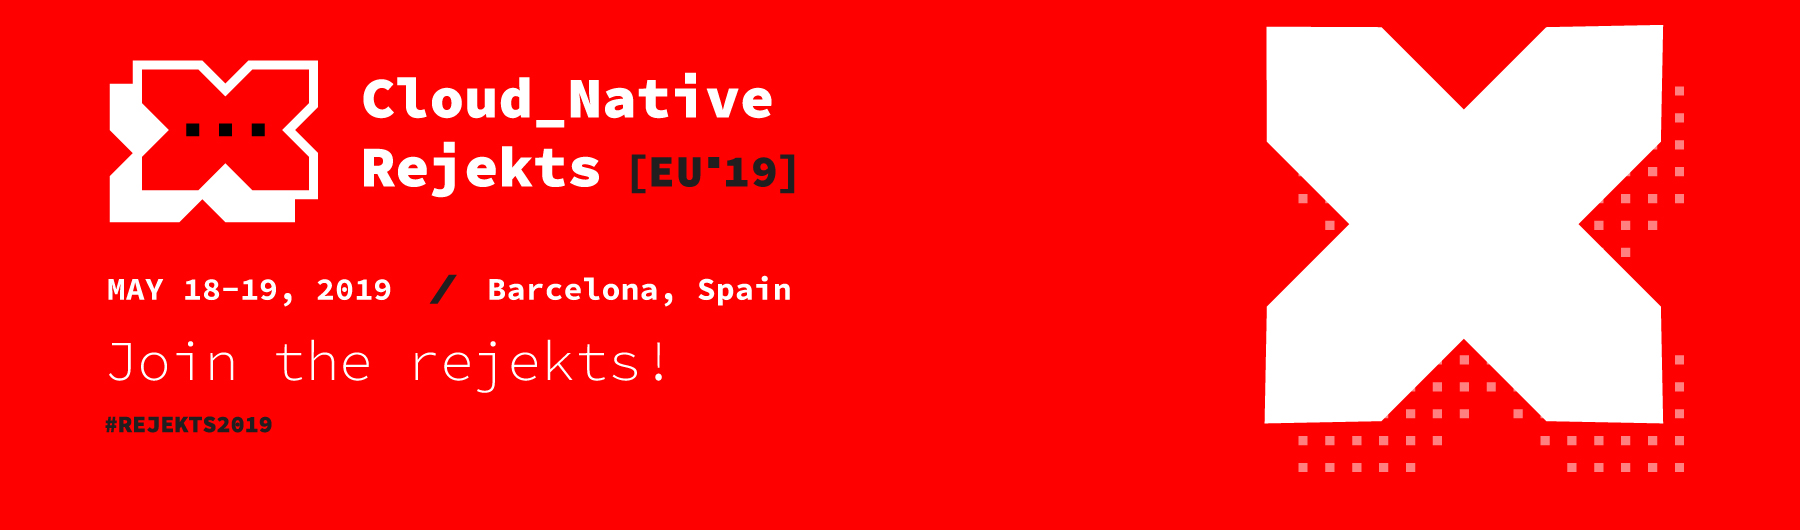 Cloud Native Rejekts EU 2019